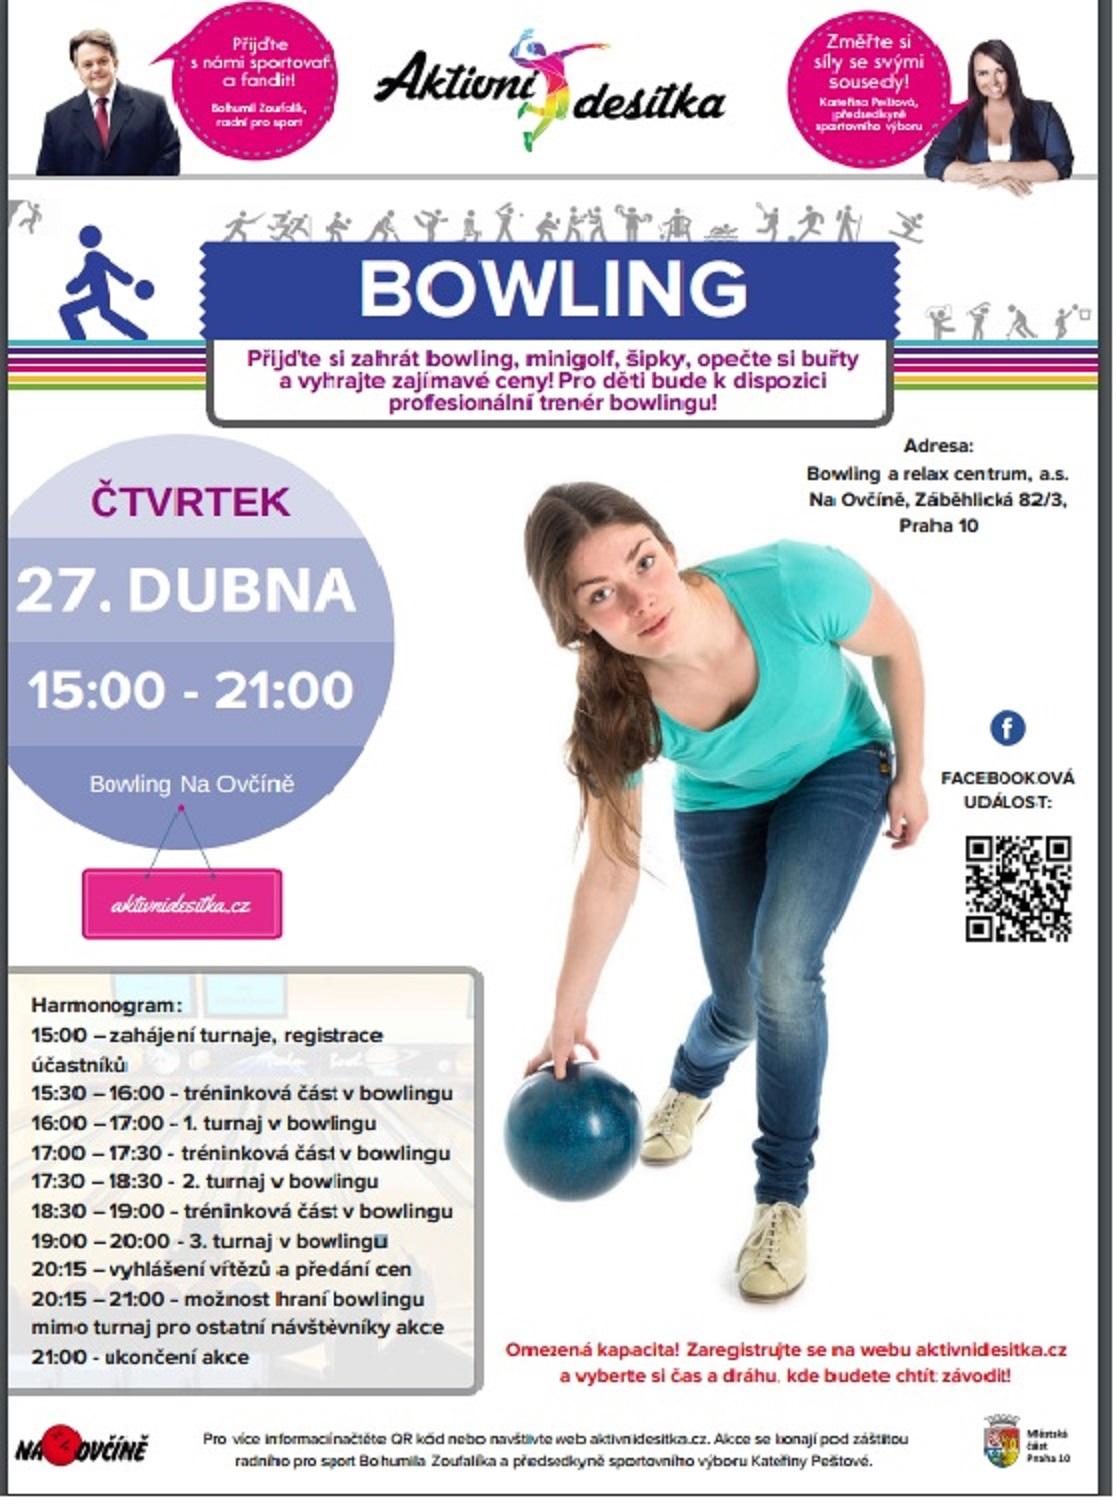 Aktivni-Destika-Bowling-27-04-2017